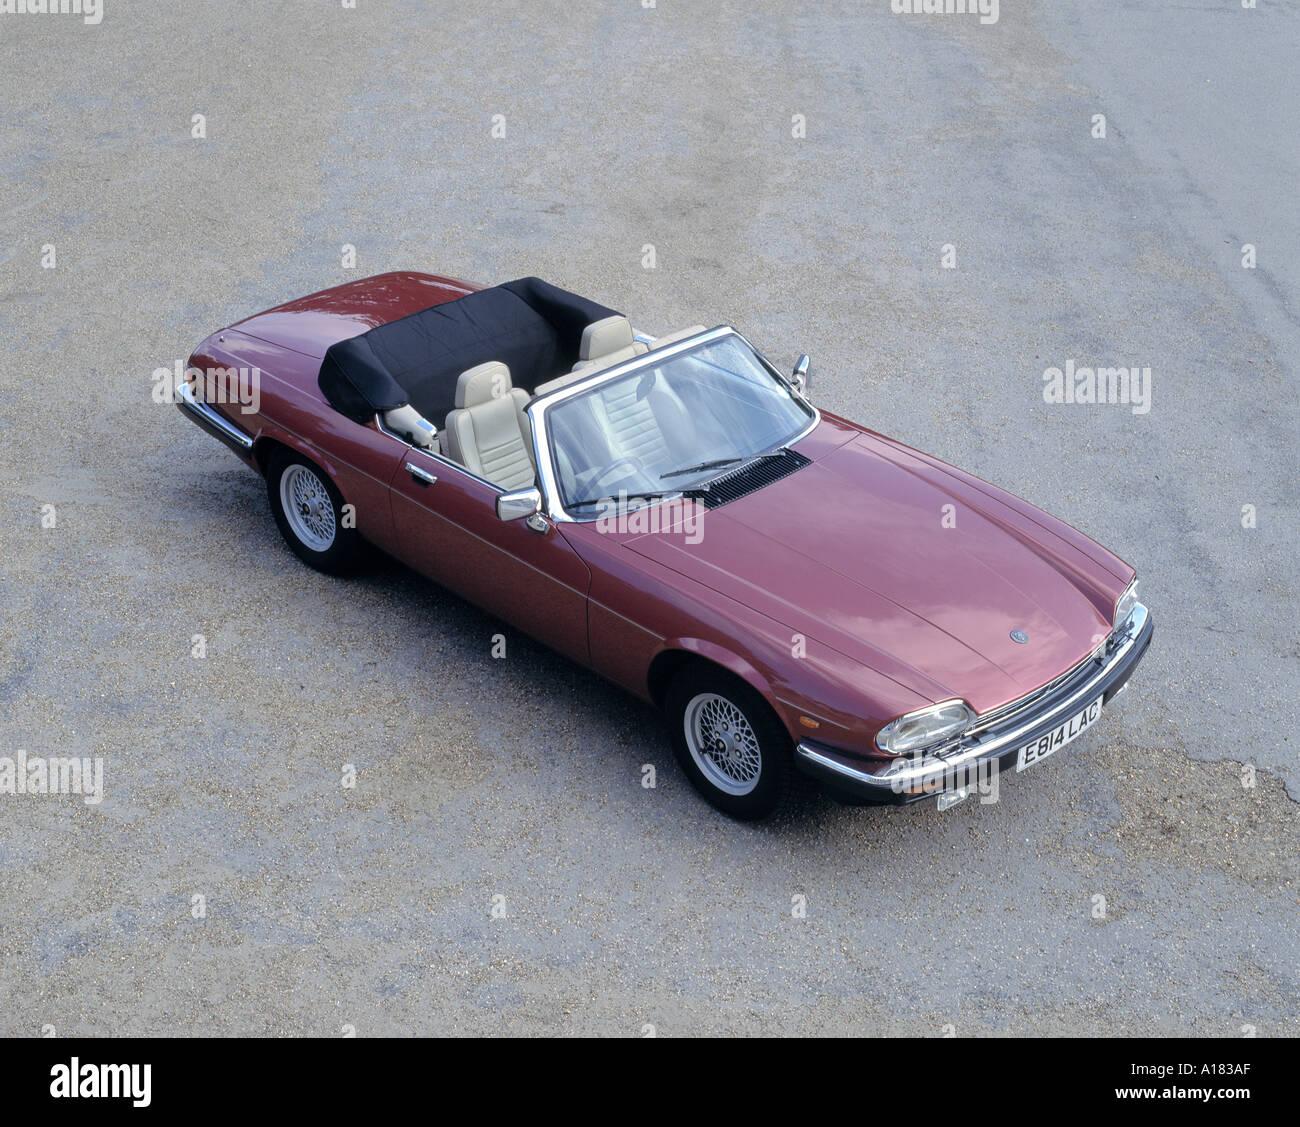 1988 Jaguar XJS V12 convertible Stock Photo